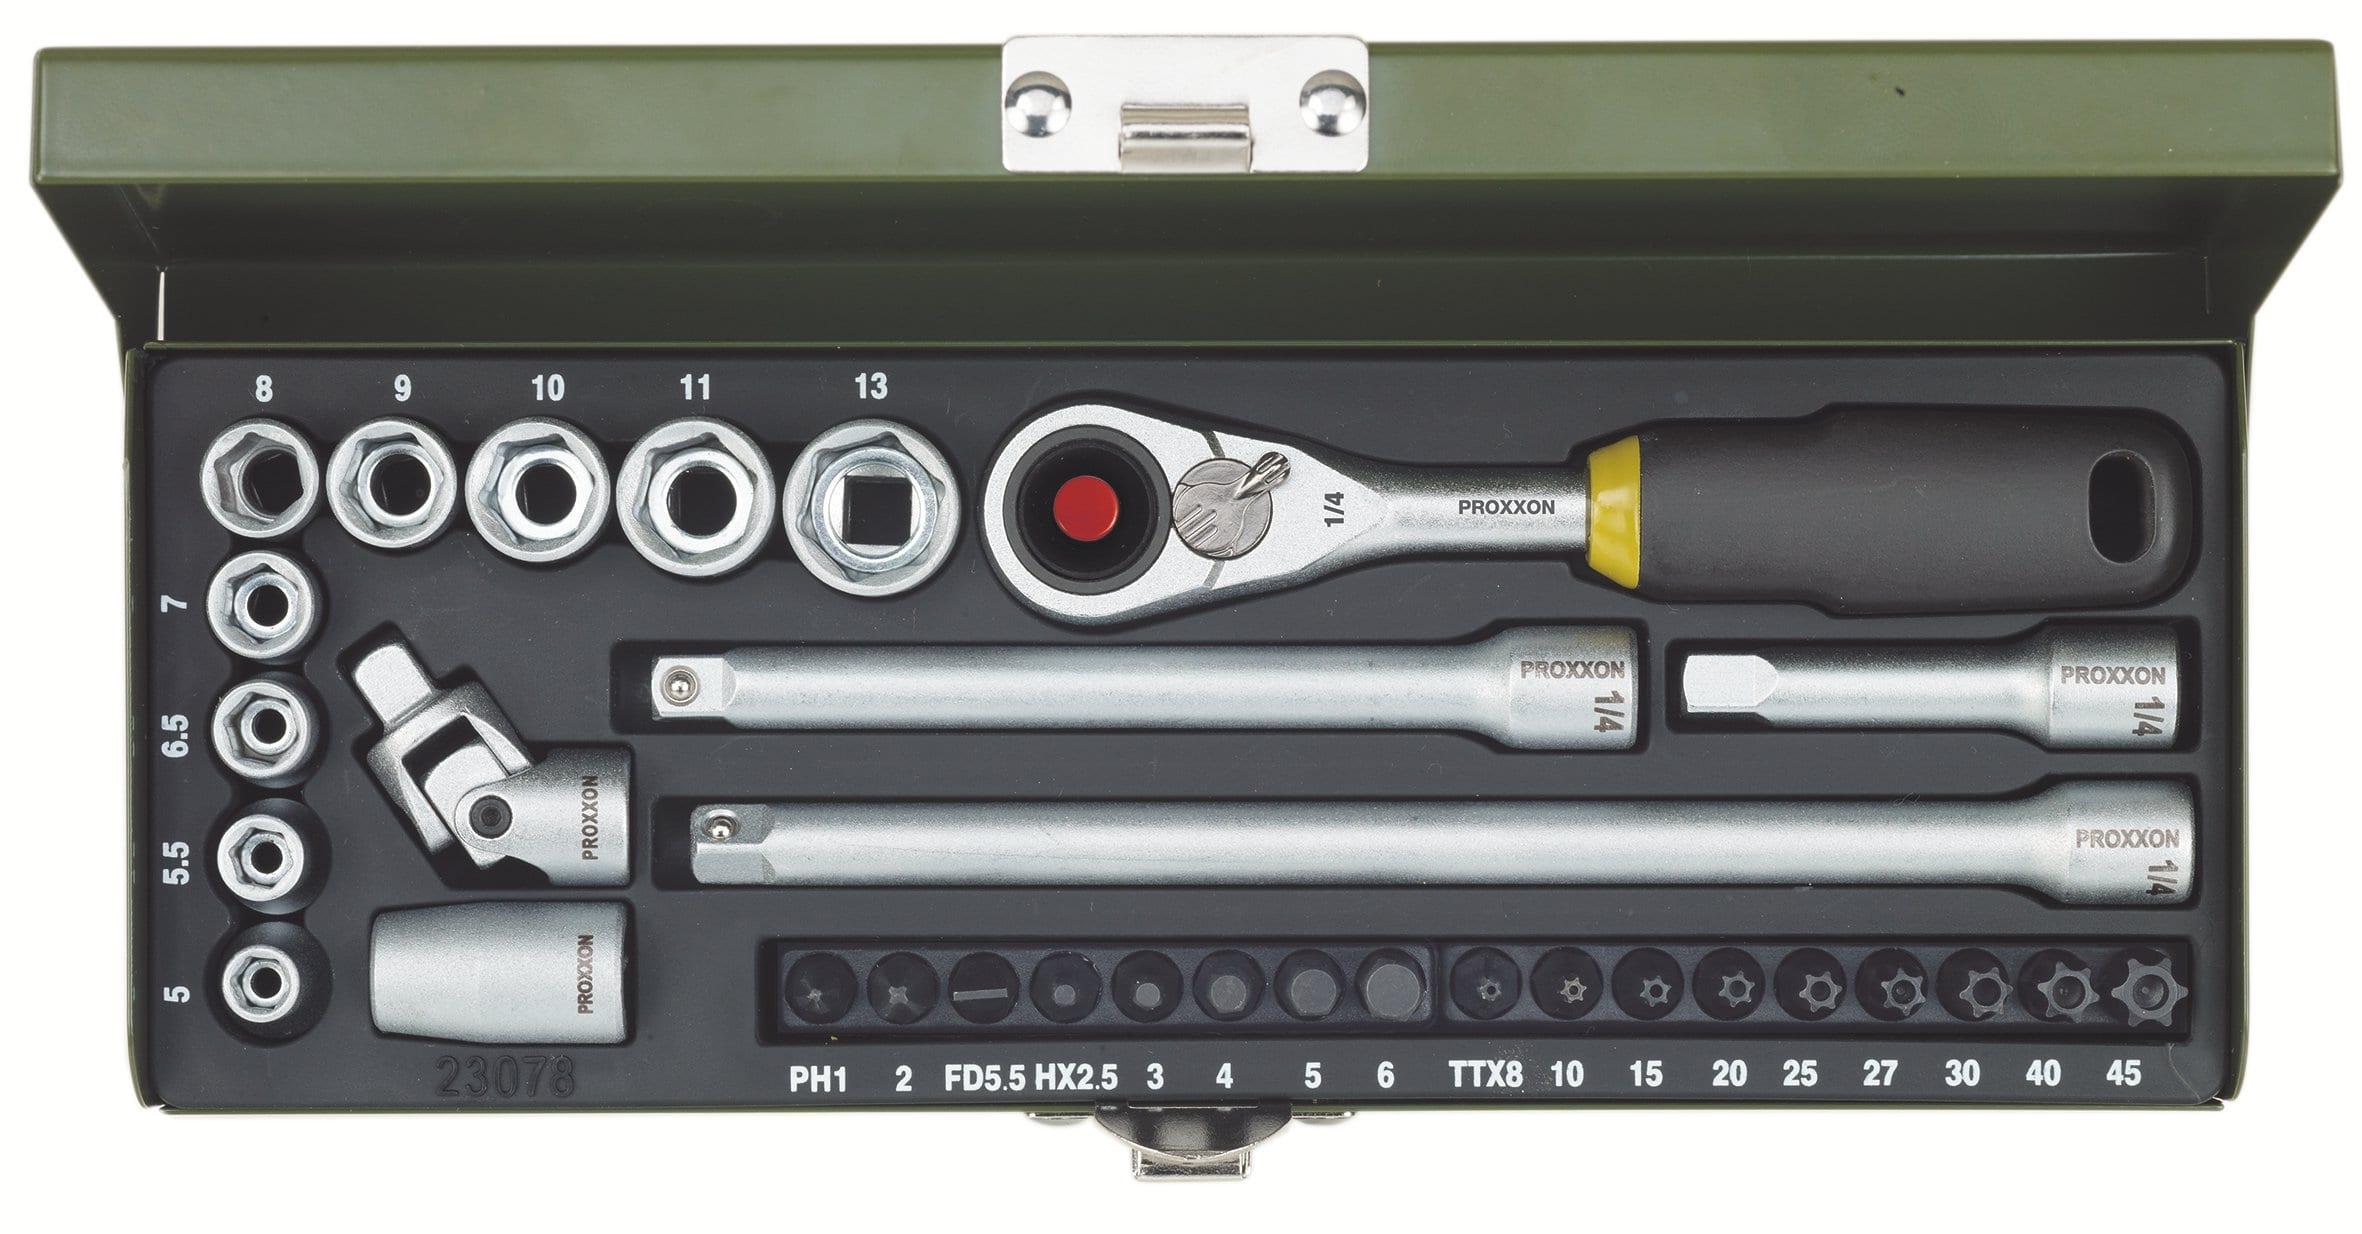 Proxxon Feinmechaniker-Steckschlüssel- und Schraubersatz 1/4, 32-tlg.